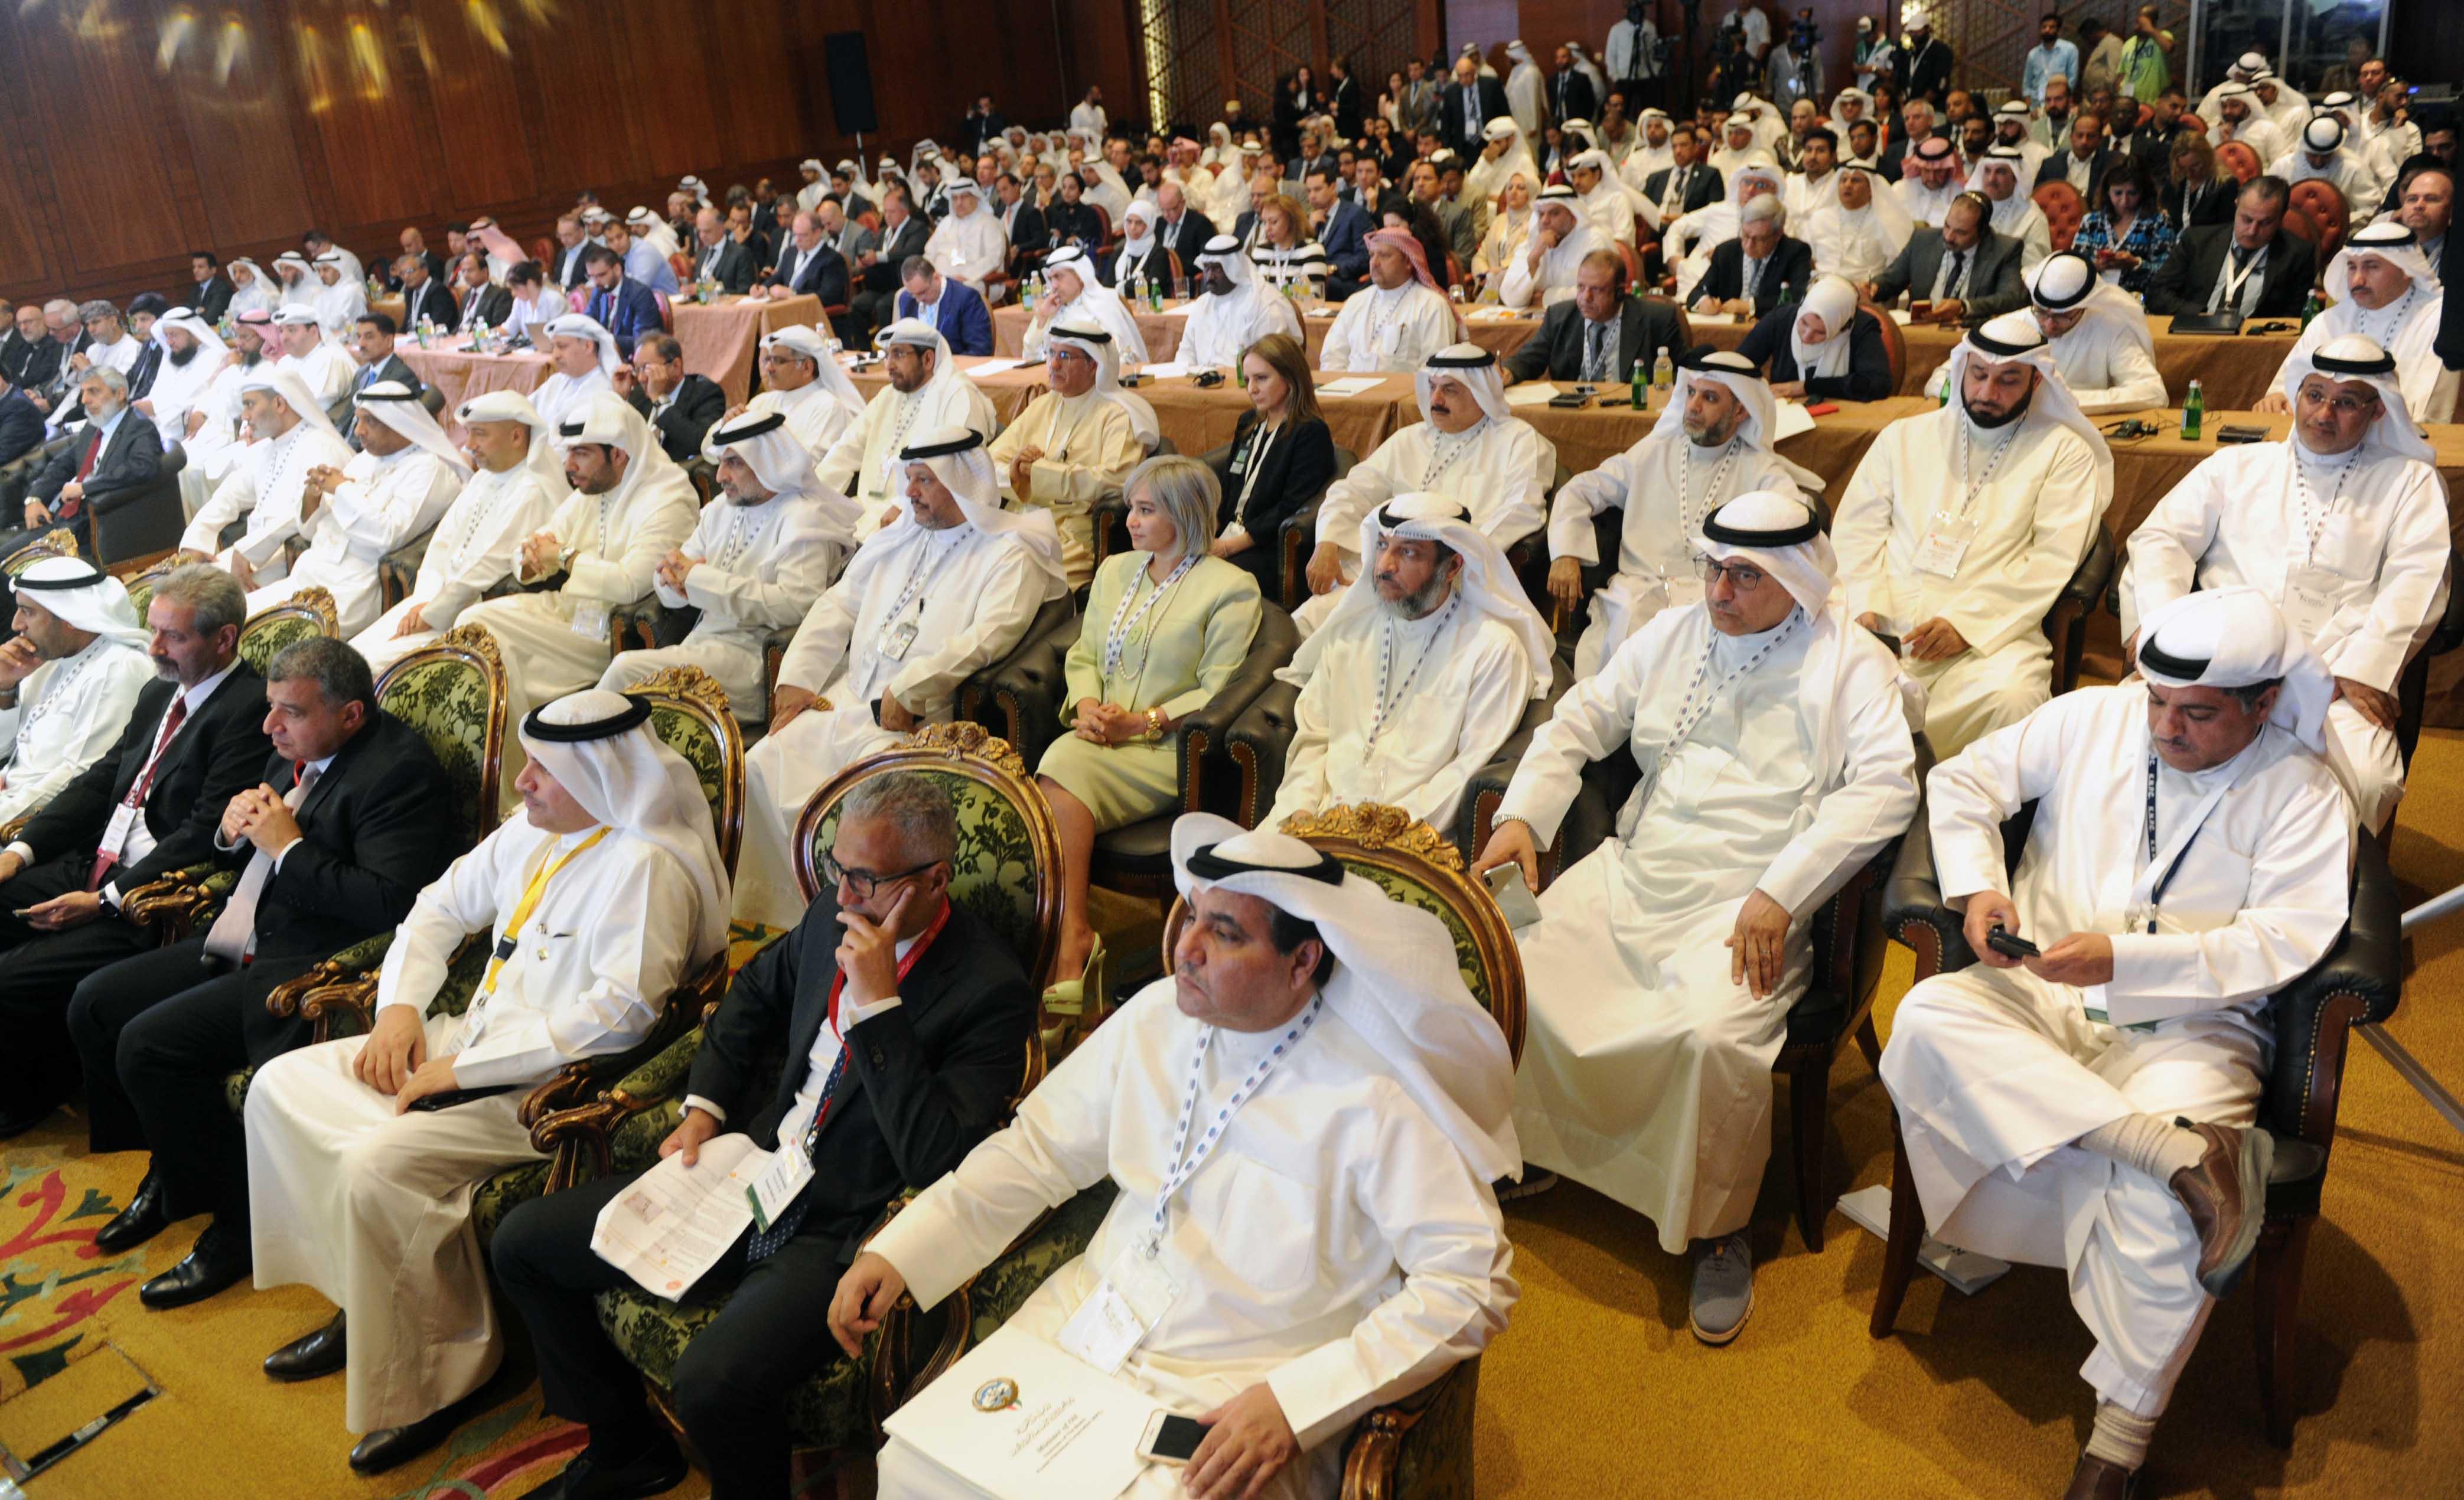 KUNA : Kuwait to raise non-associated gas output to 500